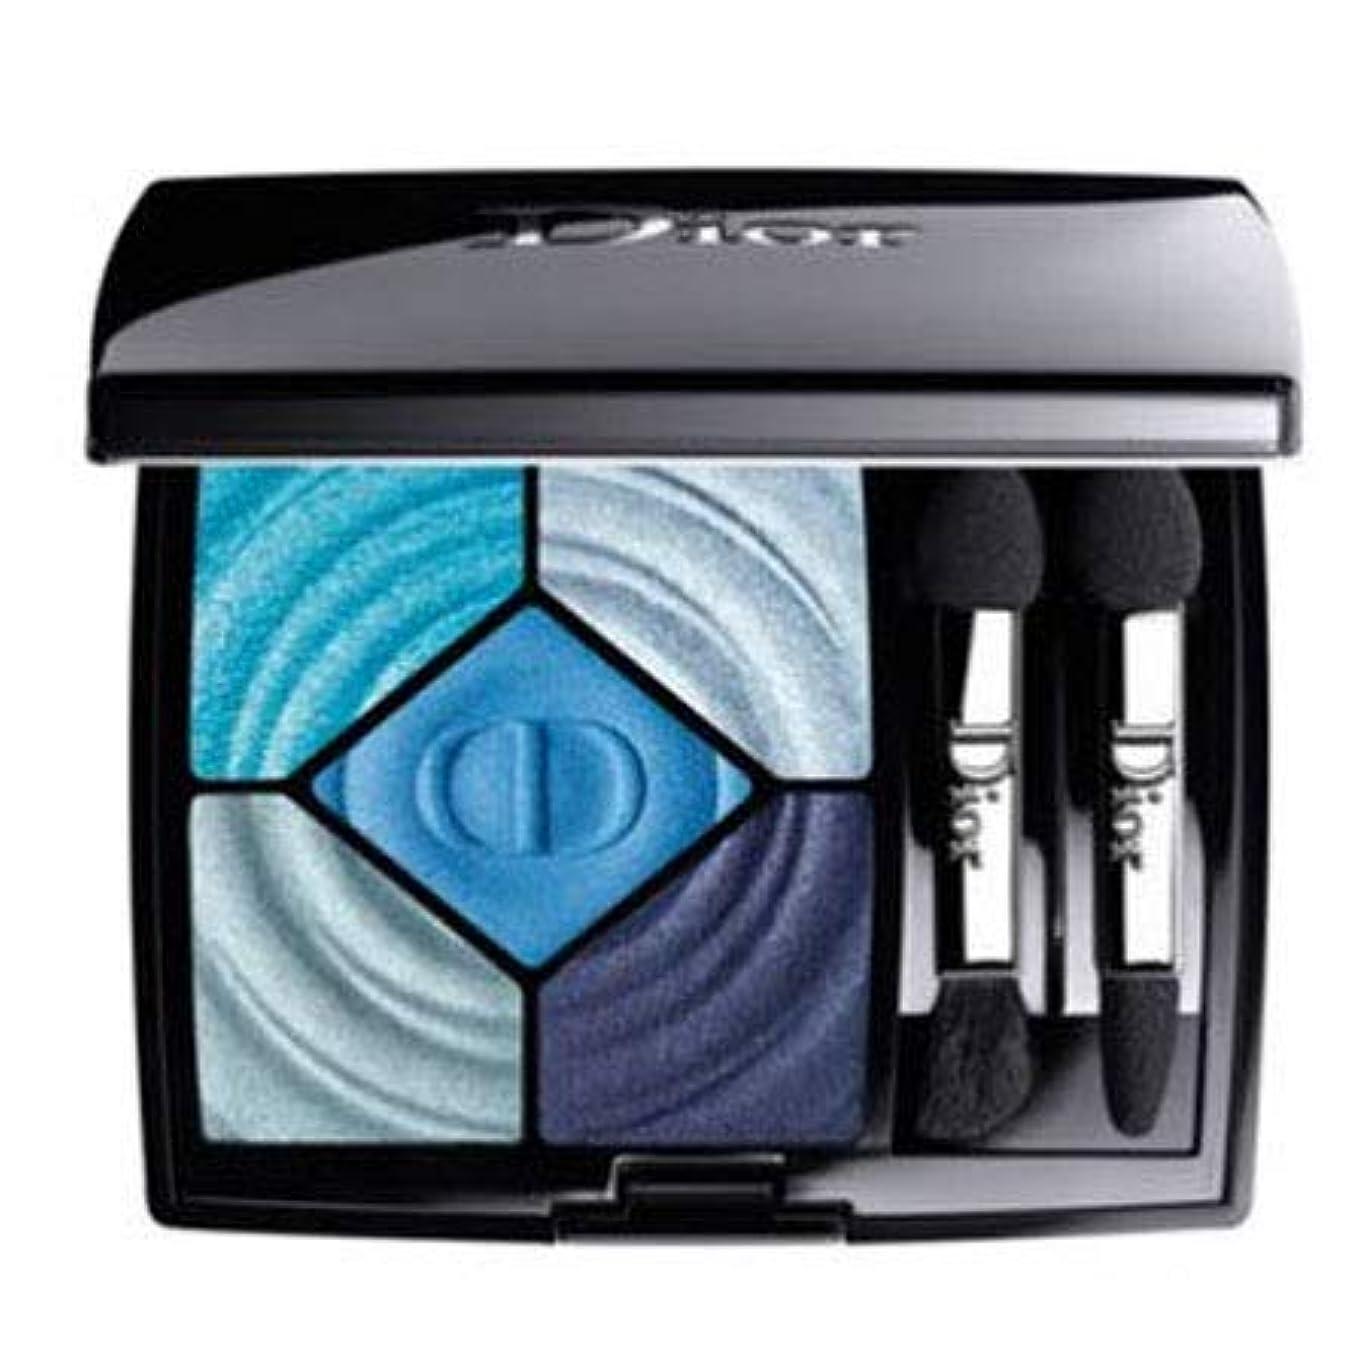 リブ神のフェードディオール サンク クルール 限定色 #367 クール ダウン -Dior- 【並行輸入品】